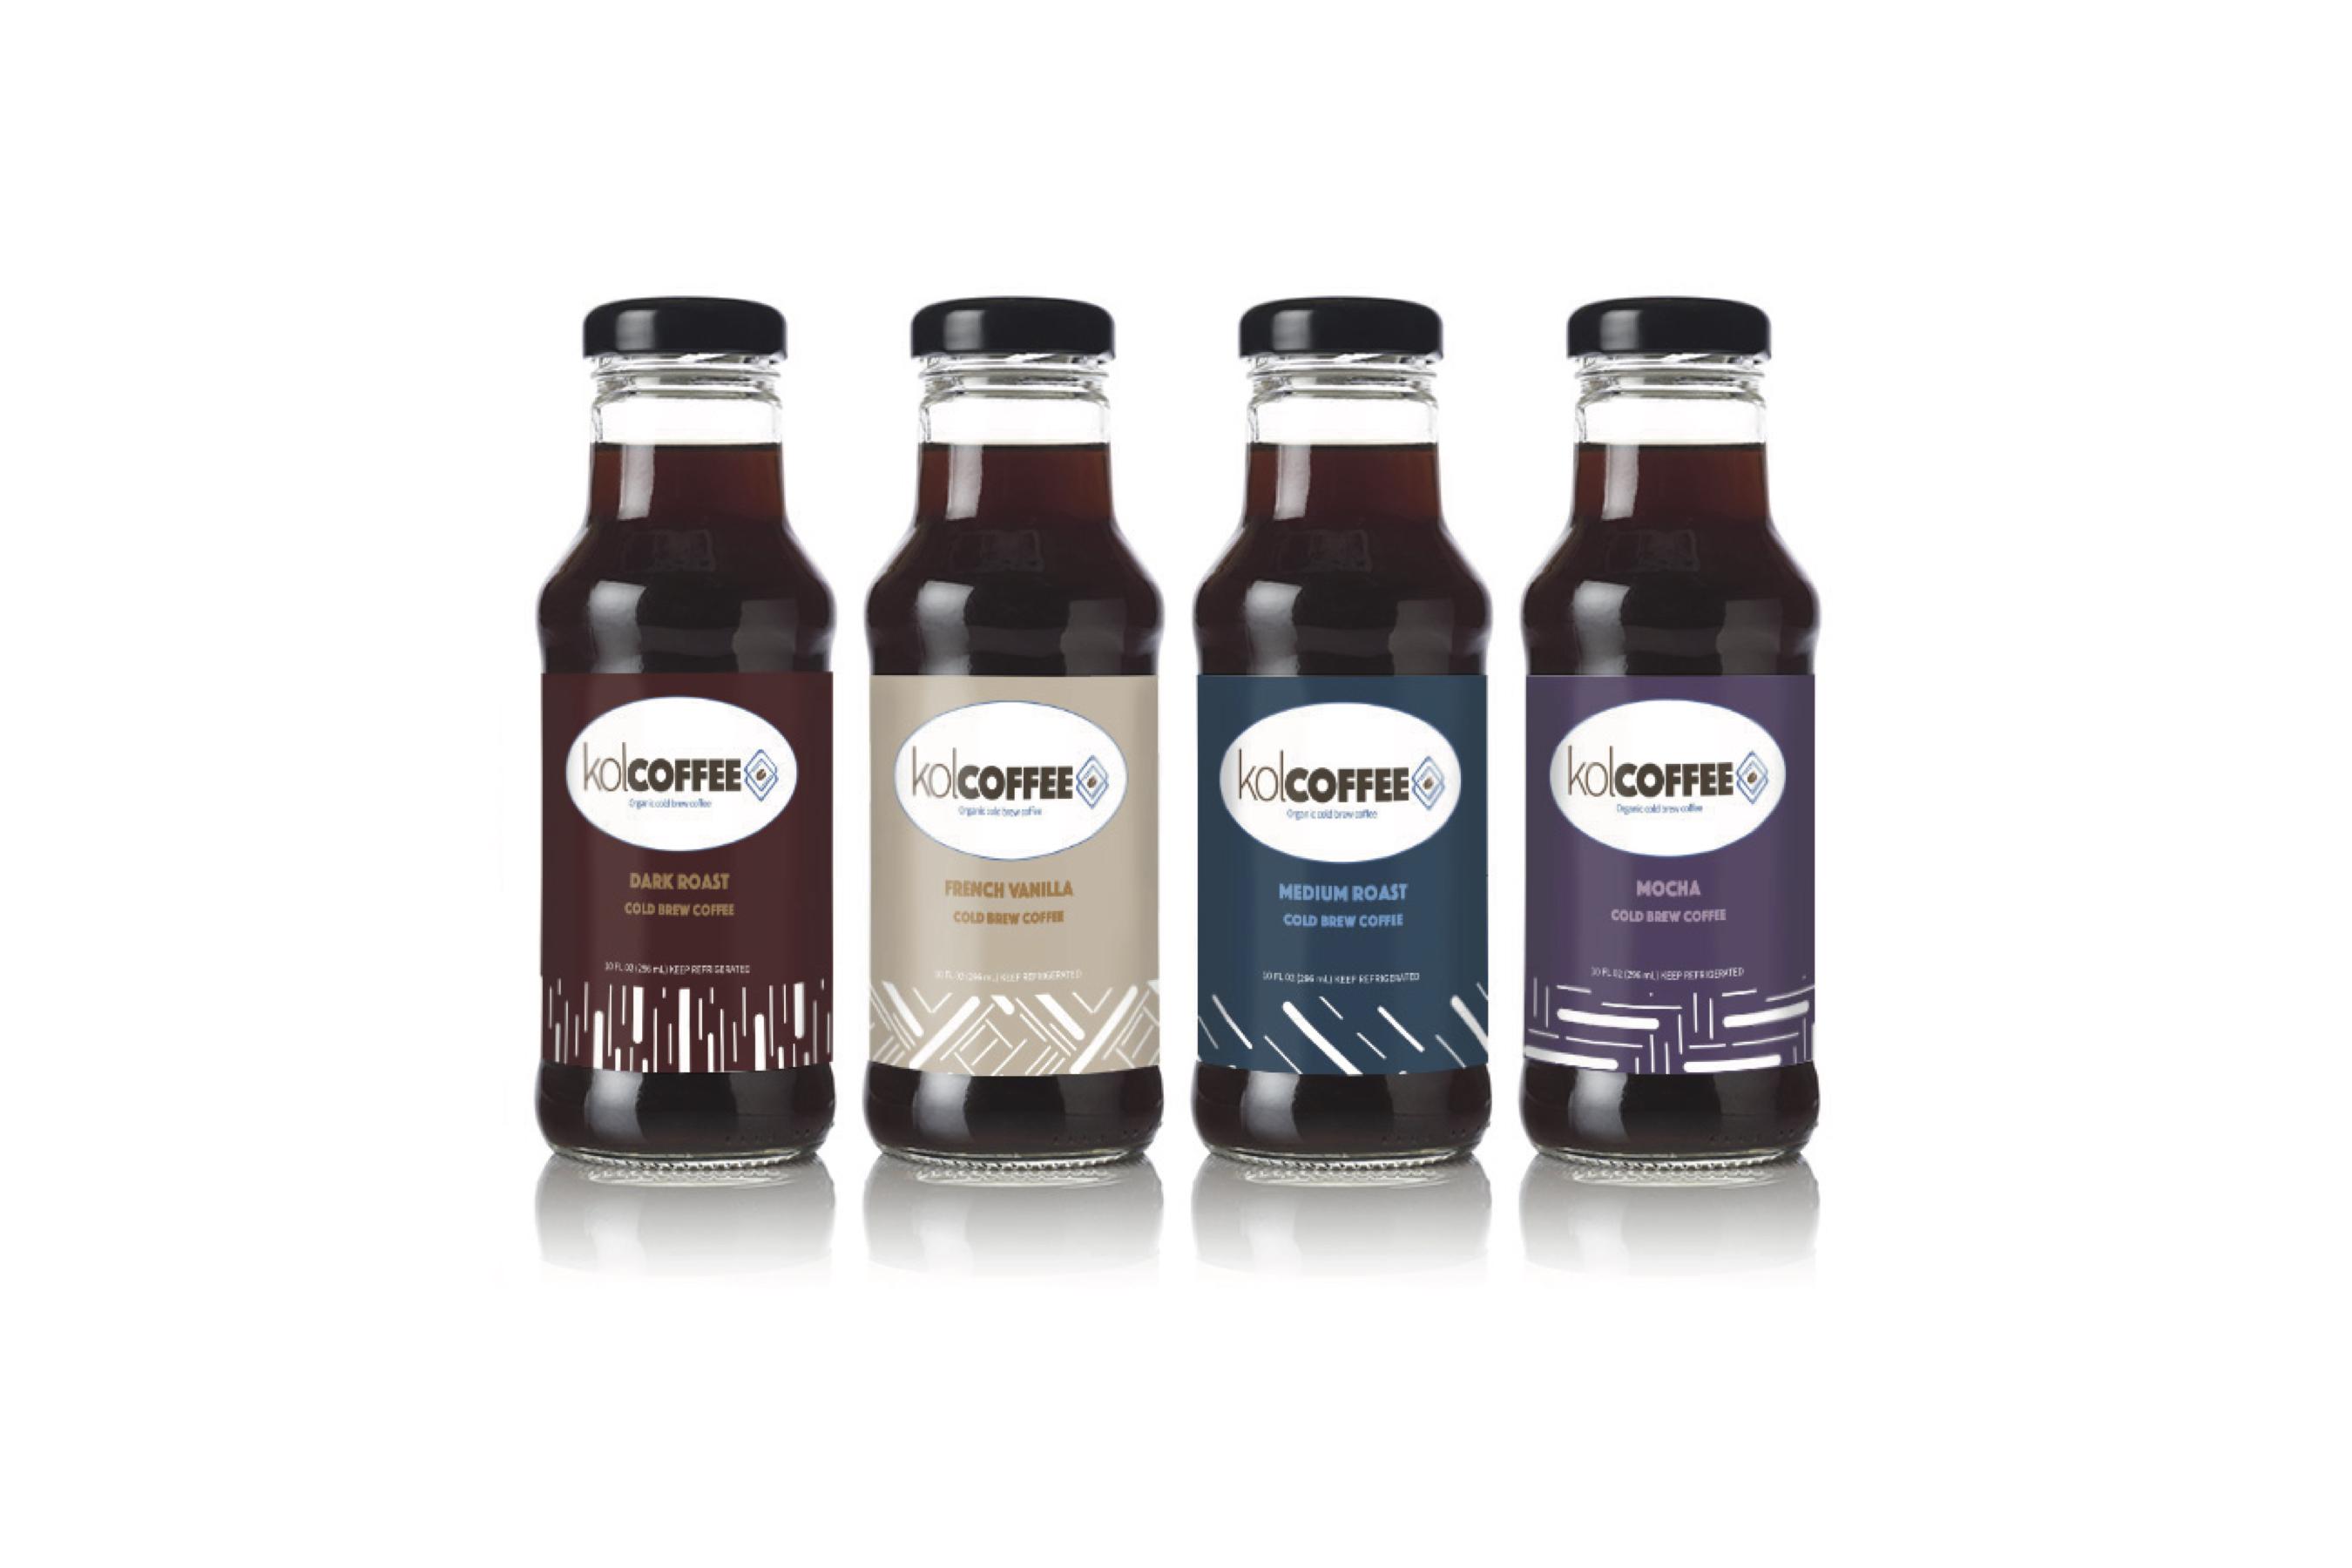 KolCoffee bottles